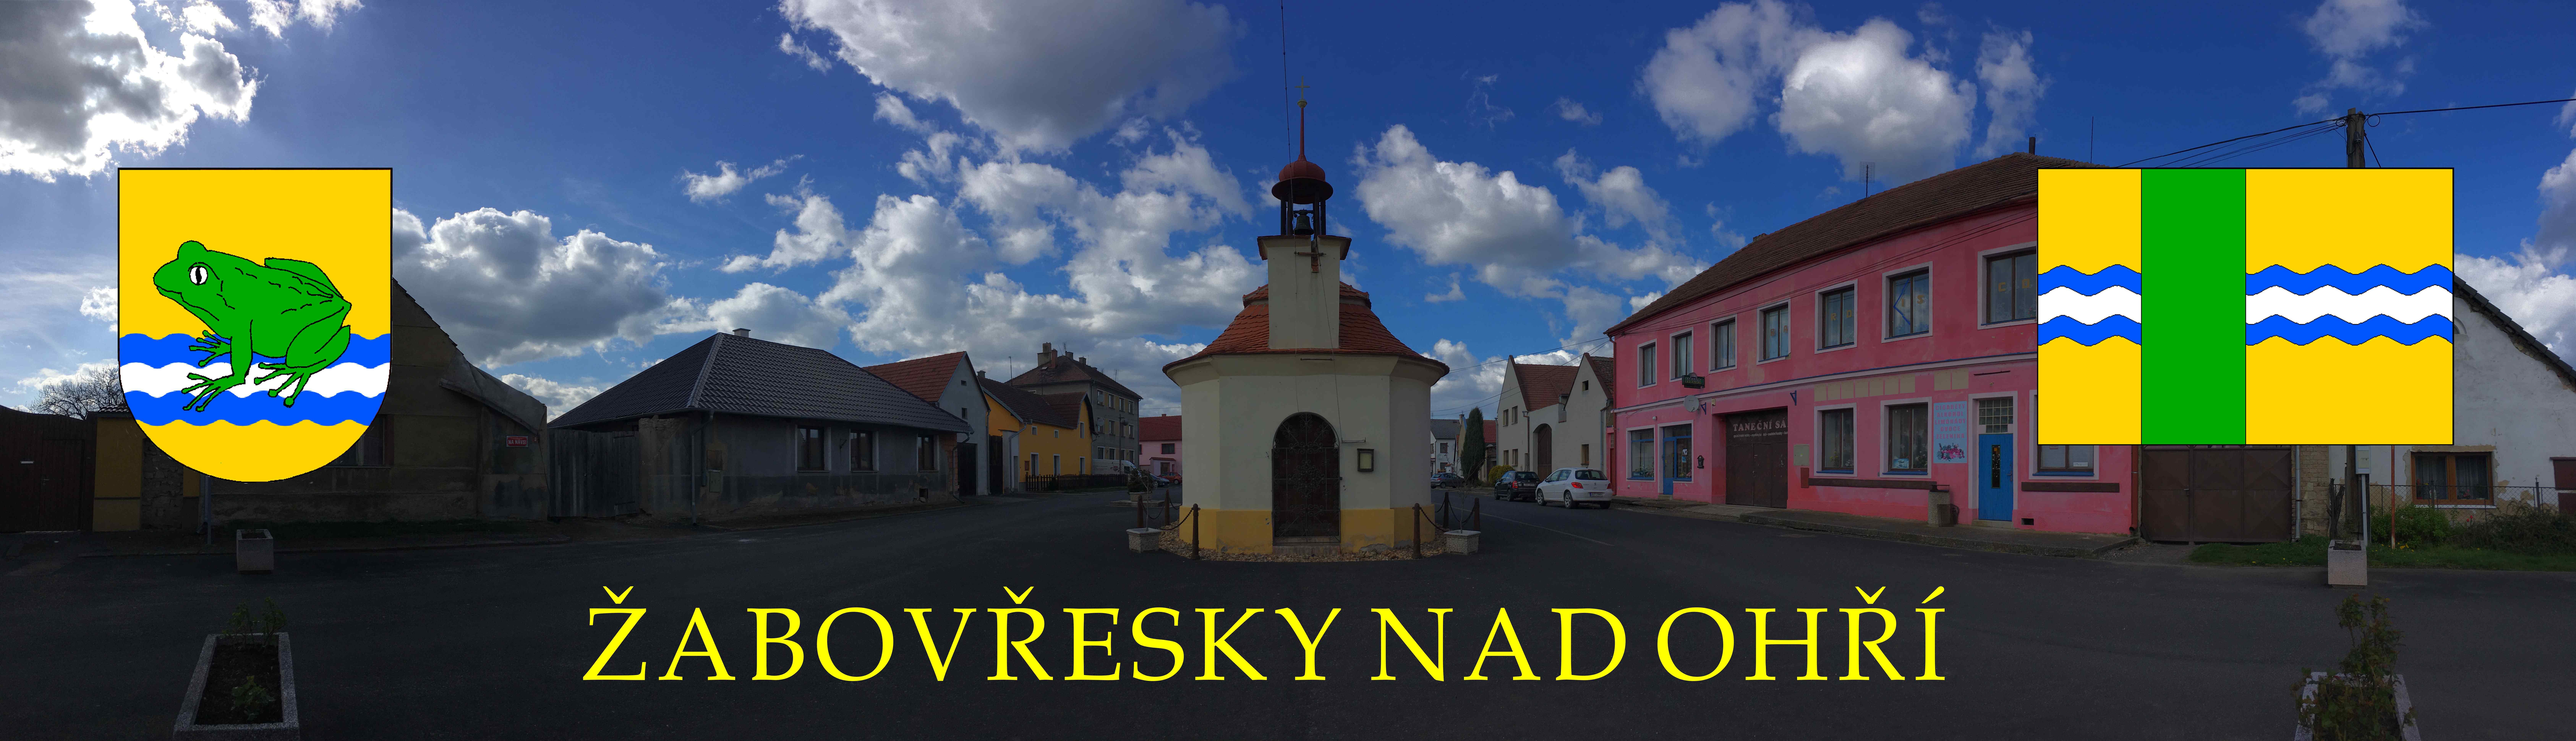 Obec Žabovřesky nad Ohří